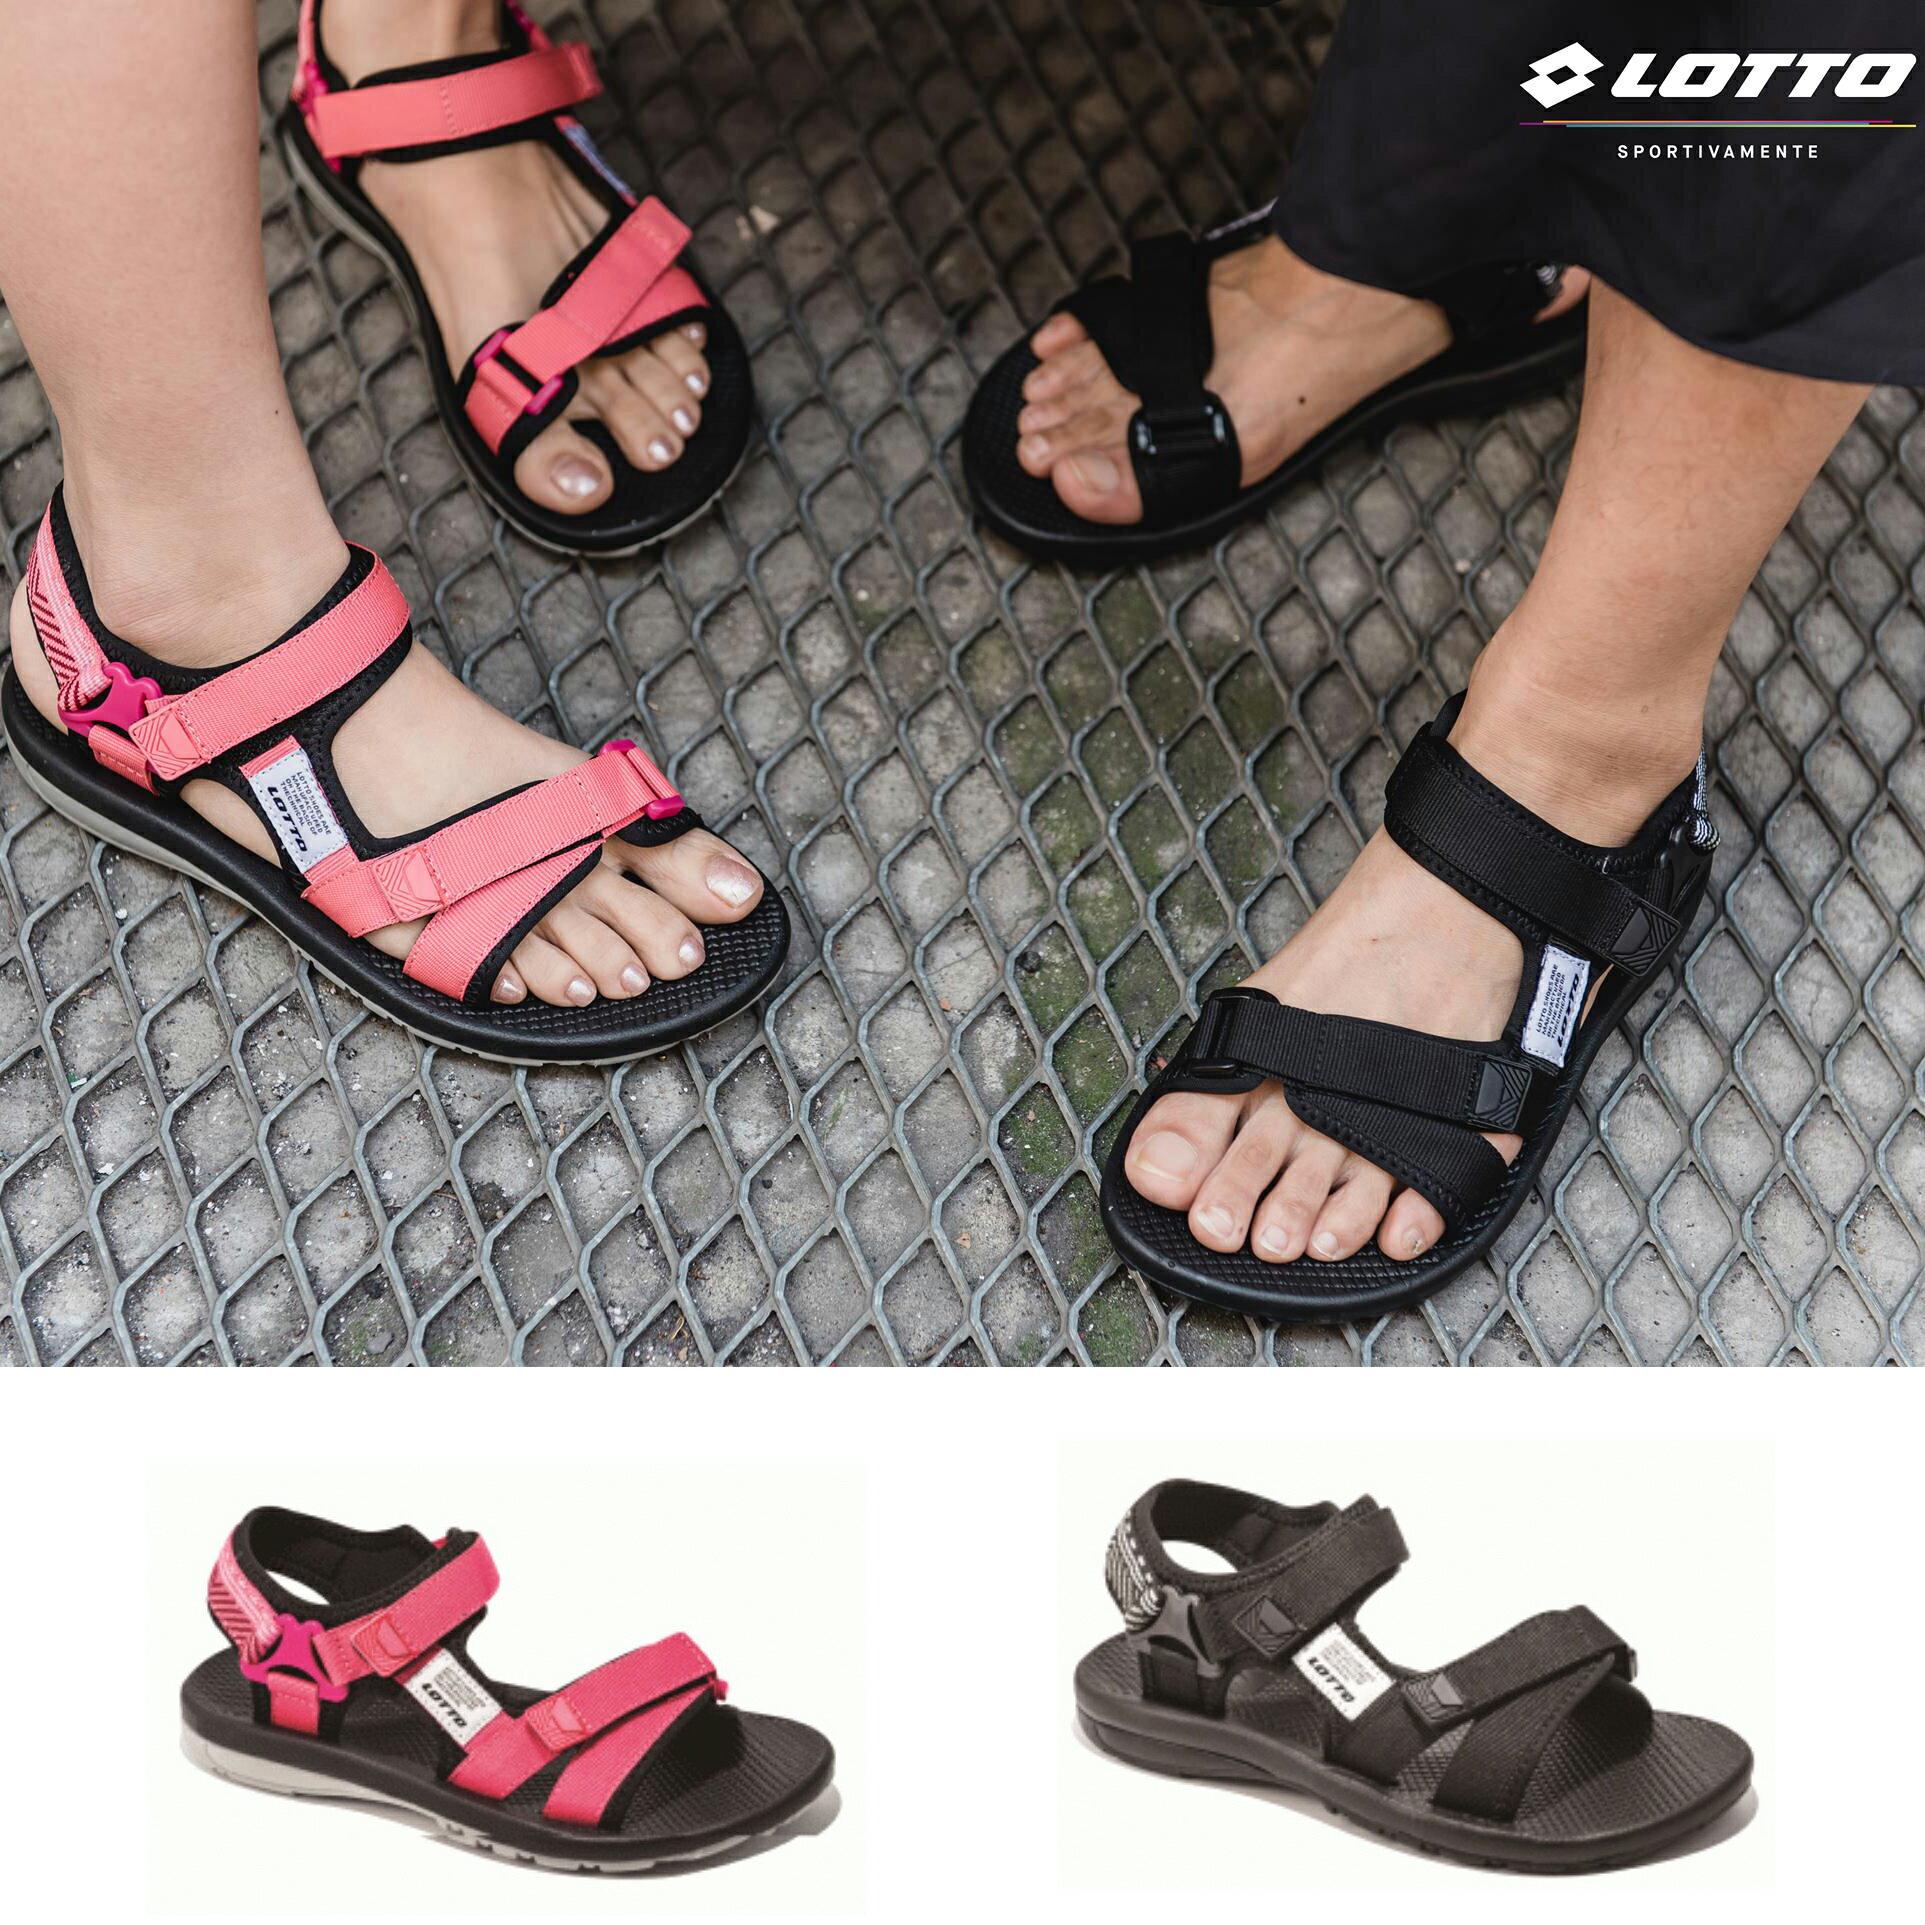 【巷子屋】義大利第一品牌-LOTTO樂得 女款流行圖騰織帶涼鞋 [6160黑 6162珊瑚紅] 超值價$690